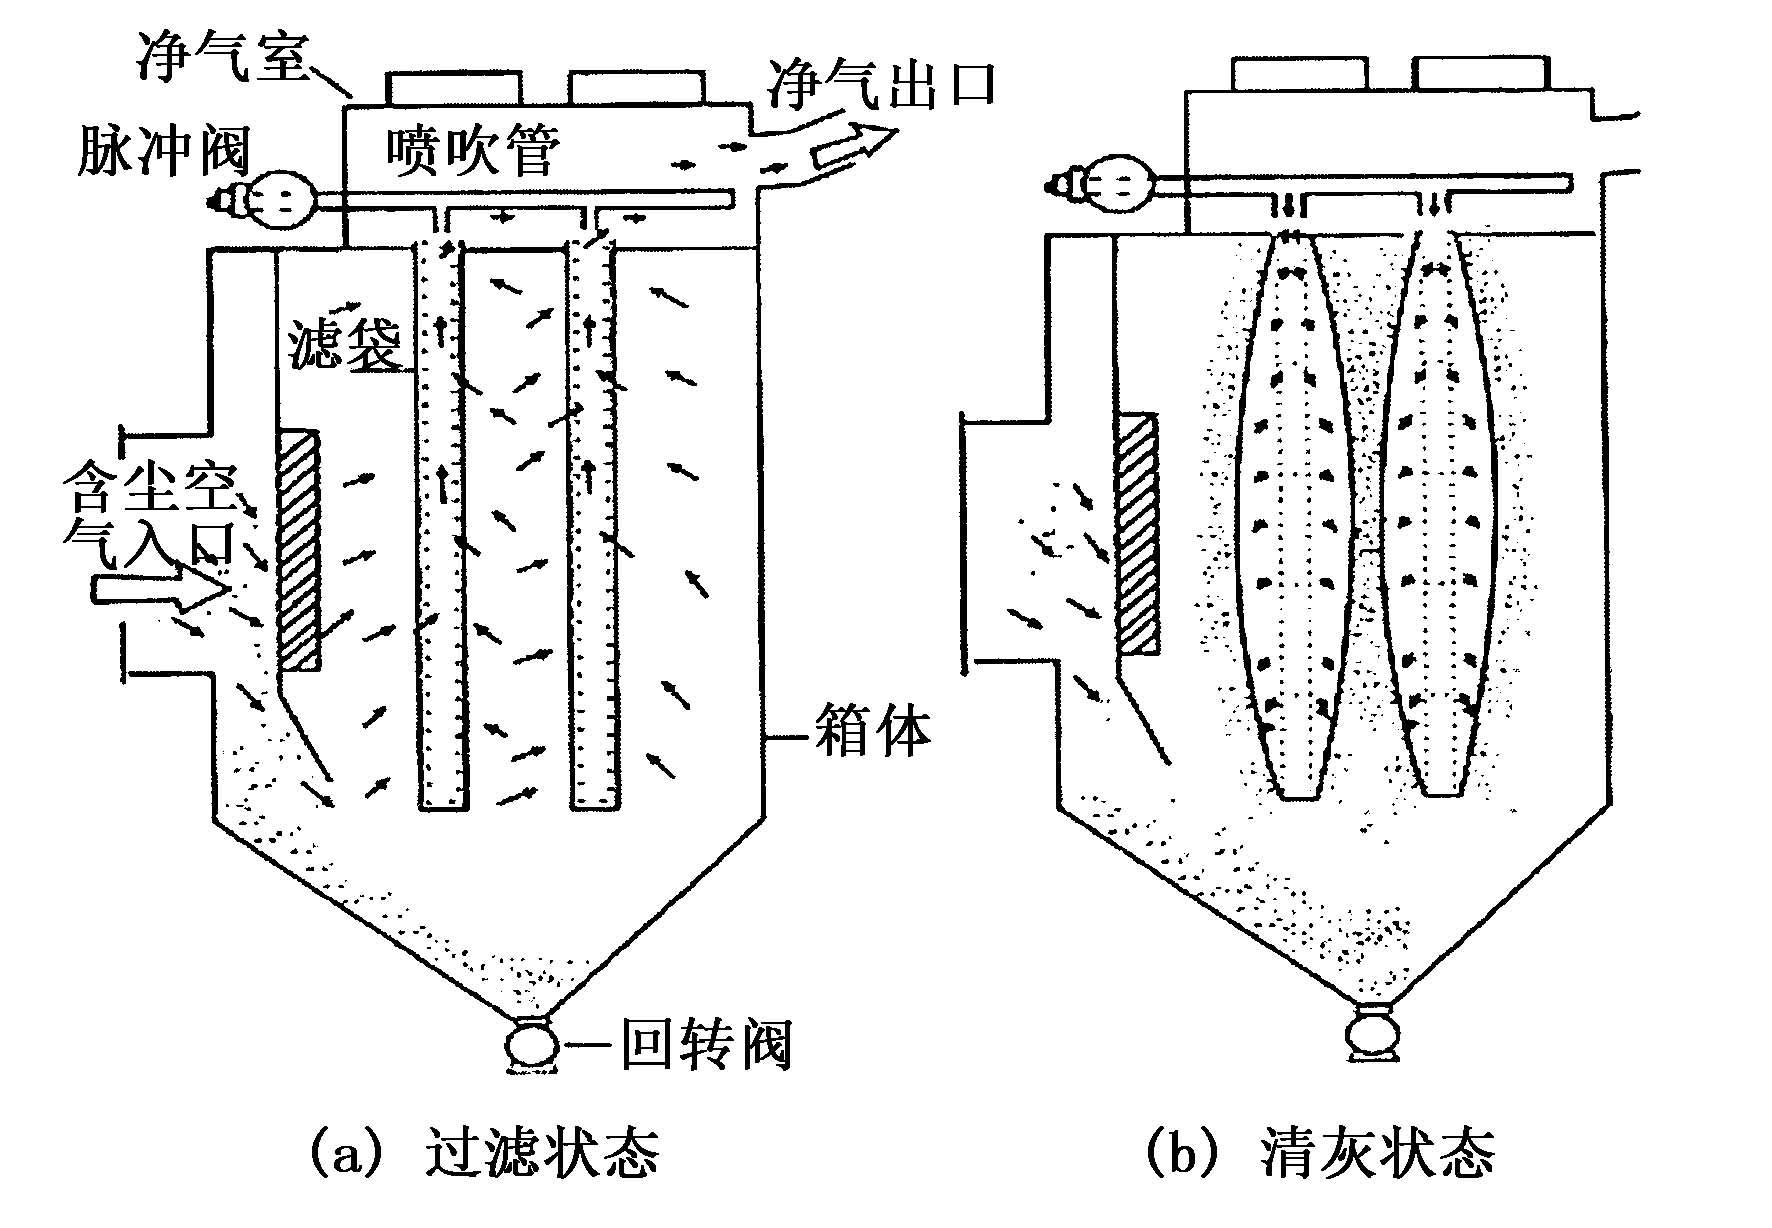 蛋粉的原理_图1. 白噪声发生器的完整原理图.